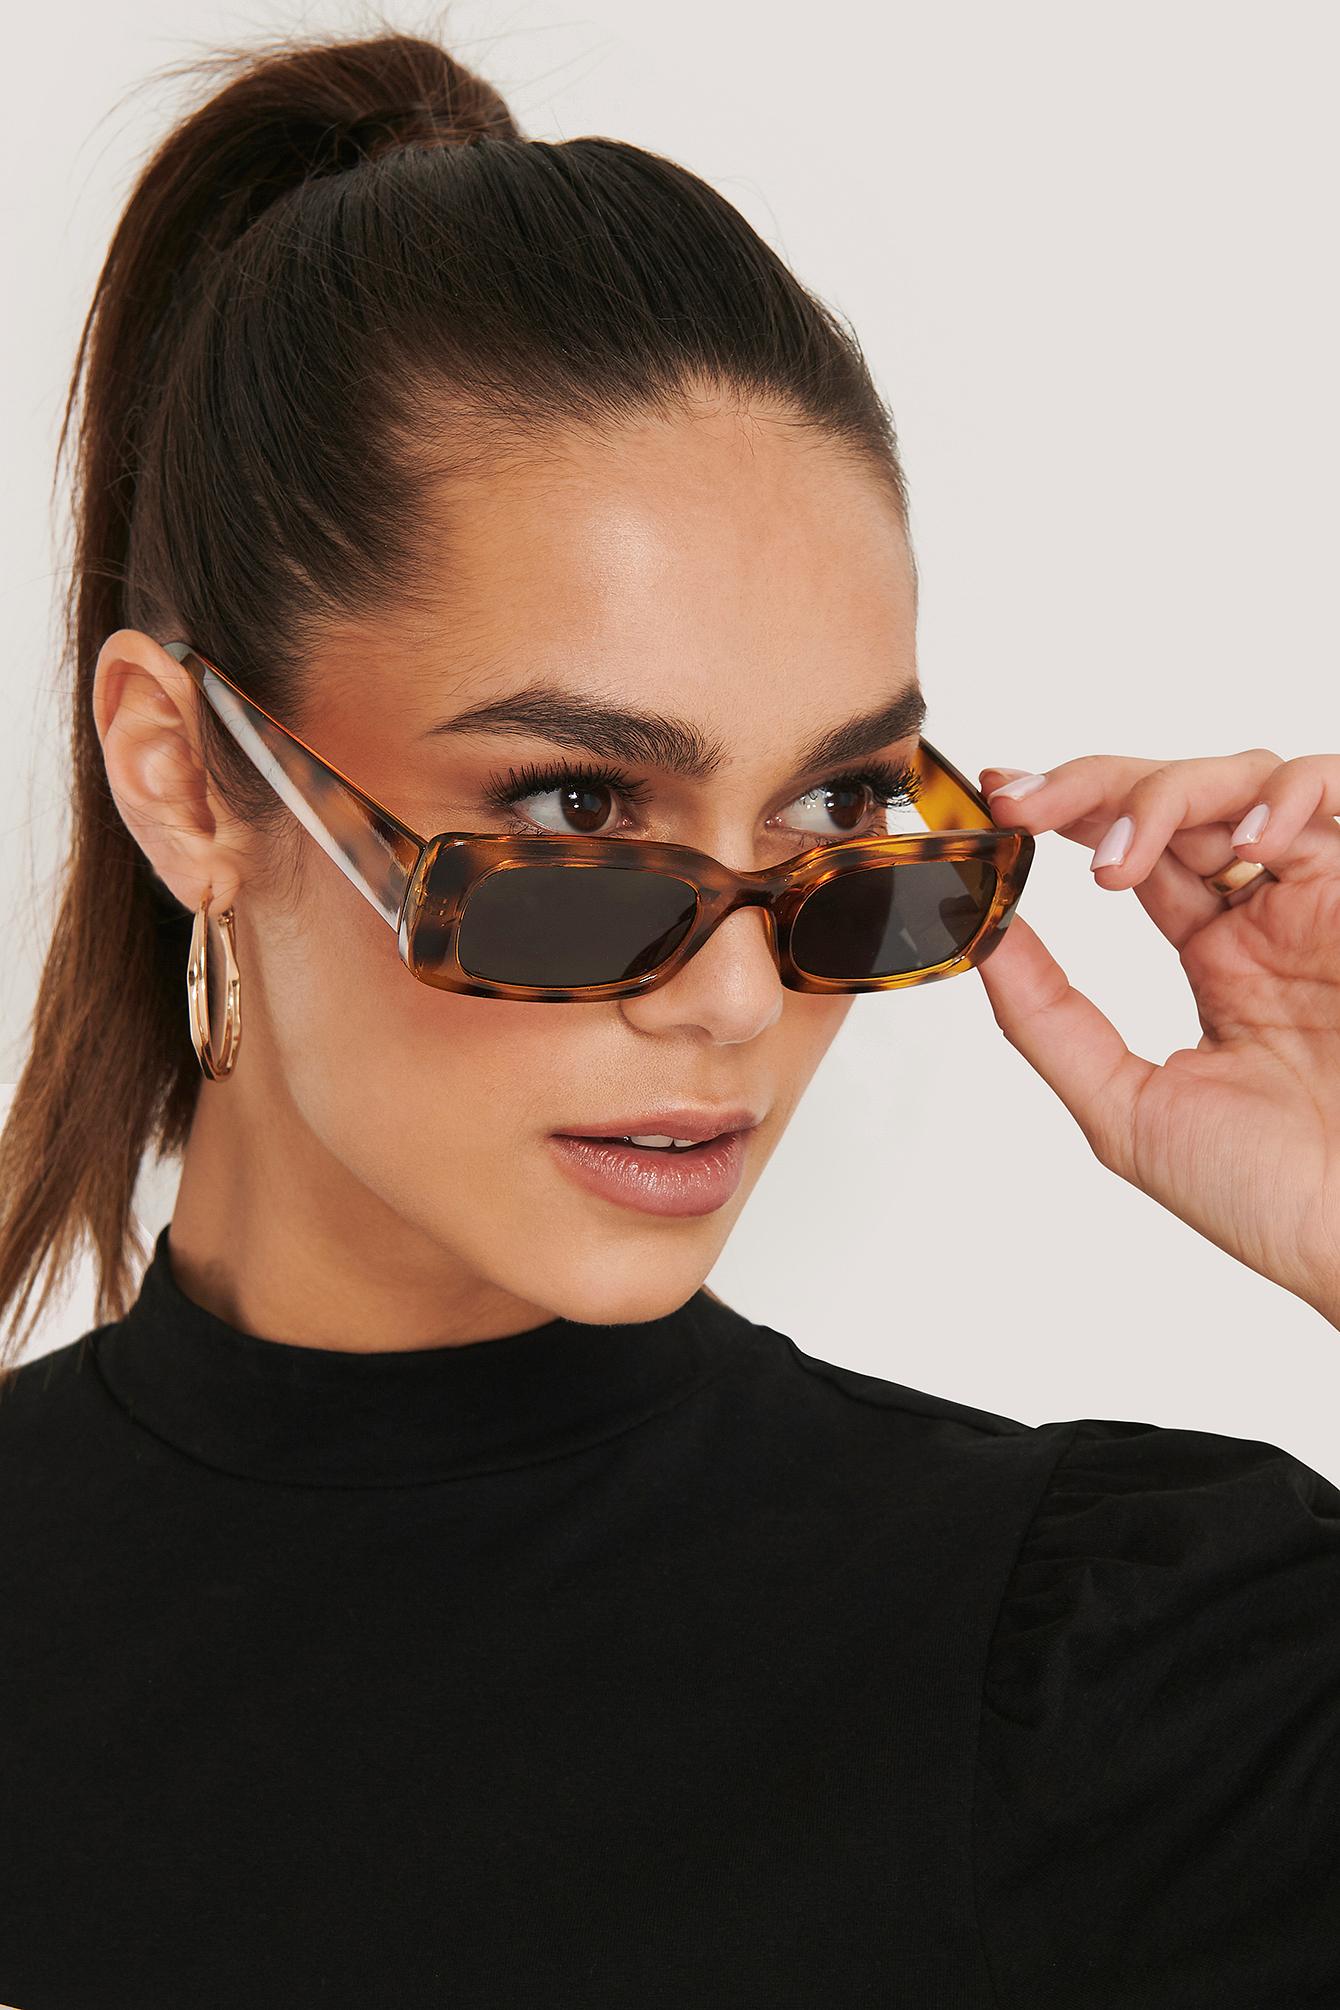 na-kd accessories -  Wide Retro Look Sunglasses - Brown